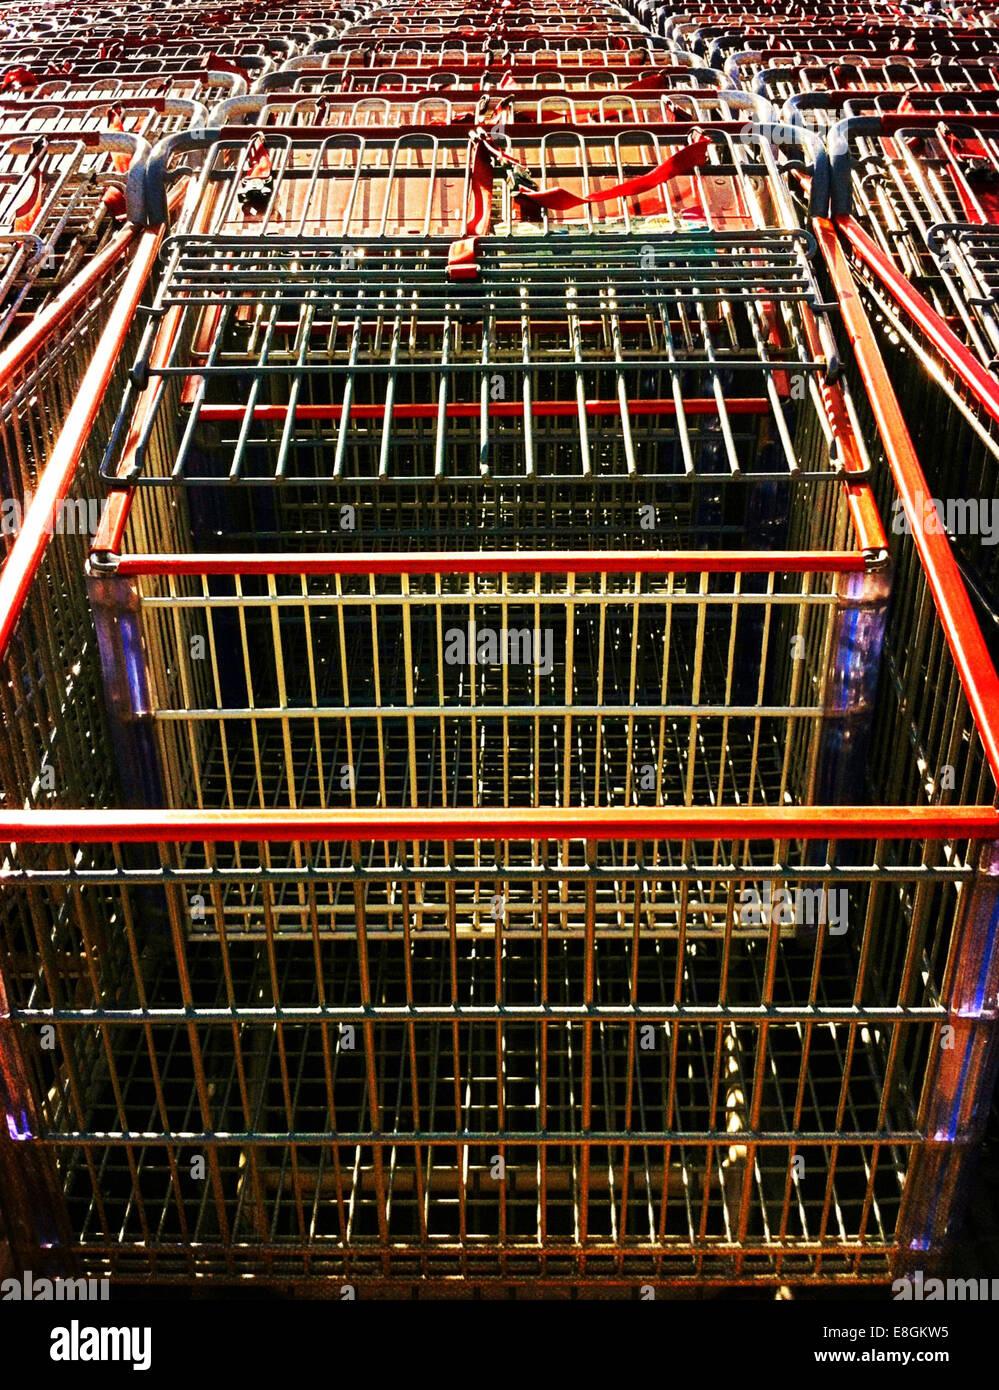 Rangée de chariots de magasinage Photo Stock